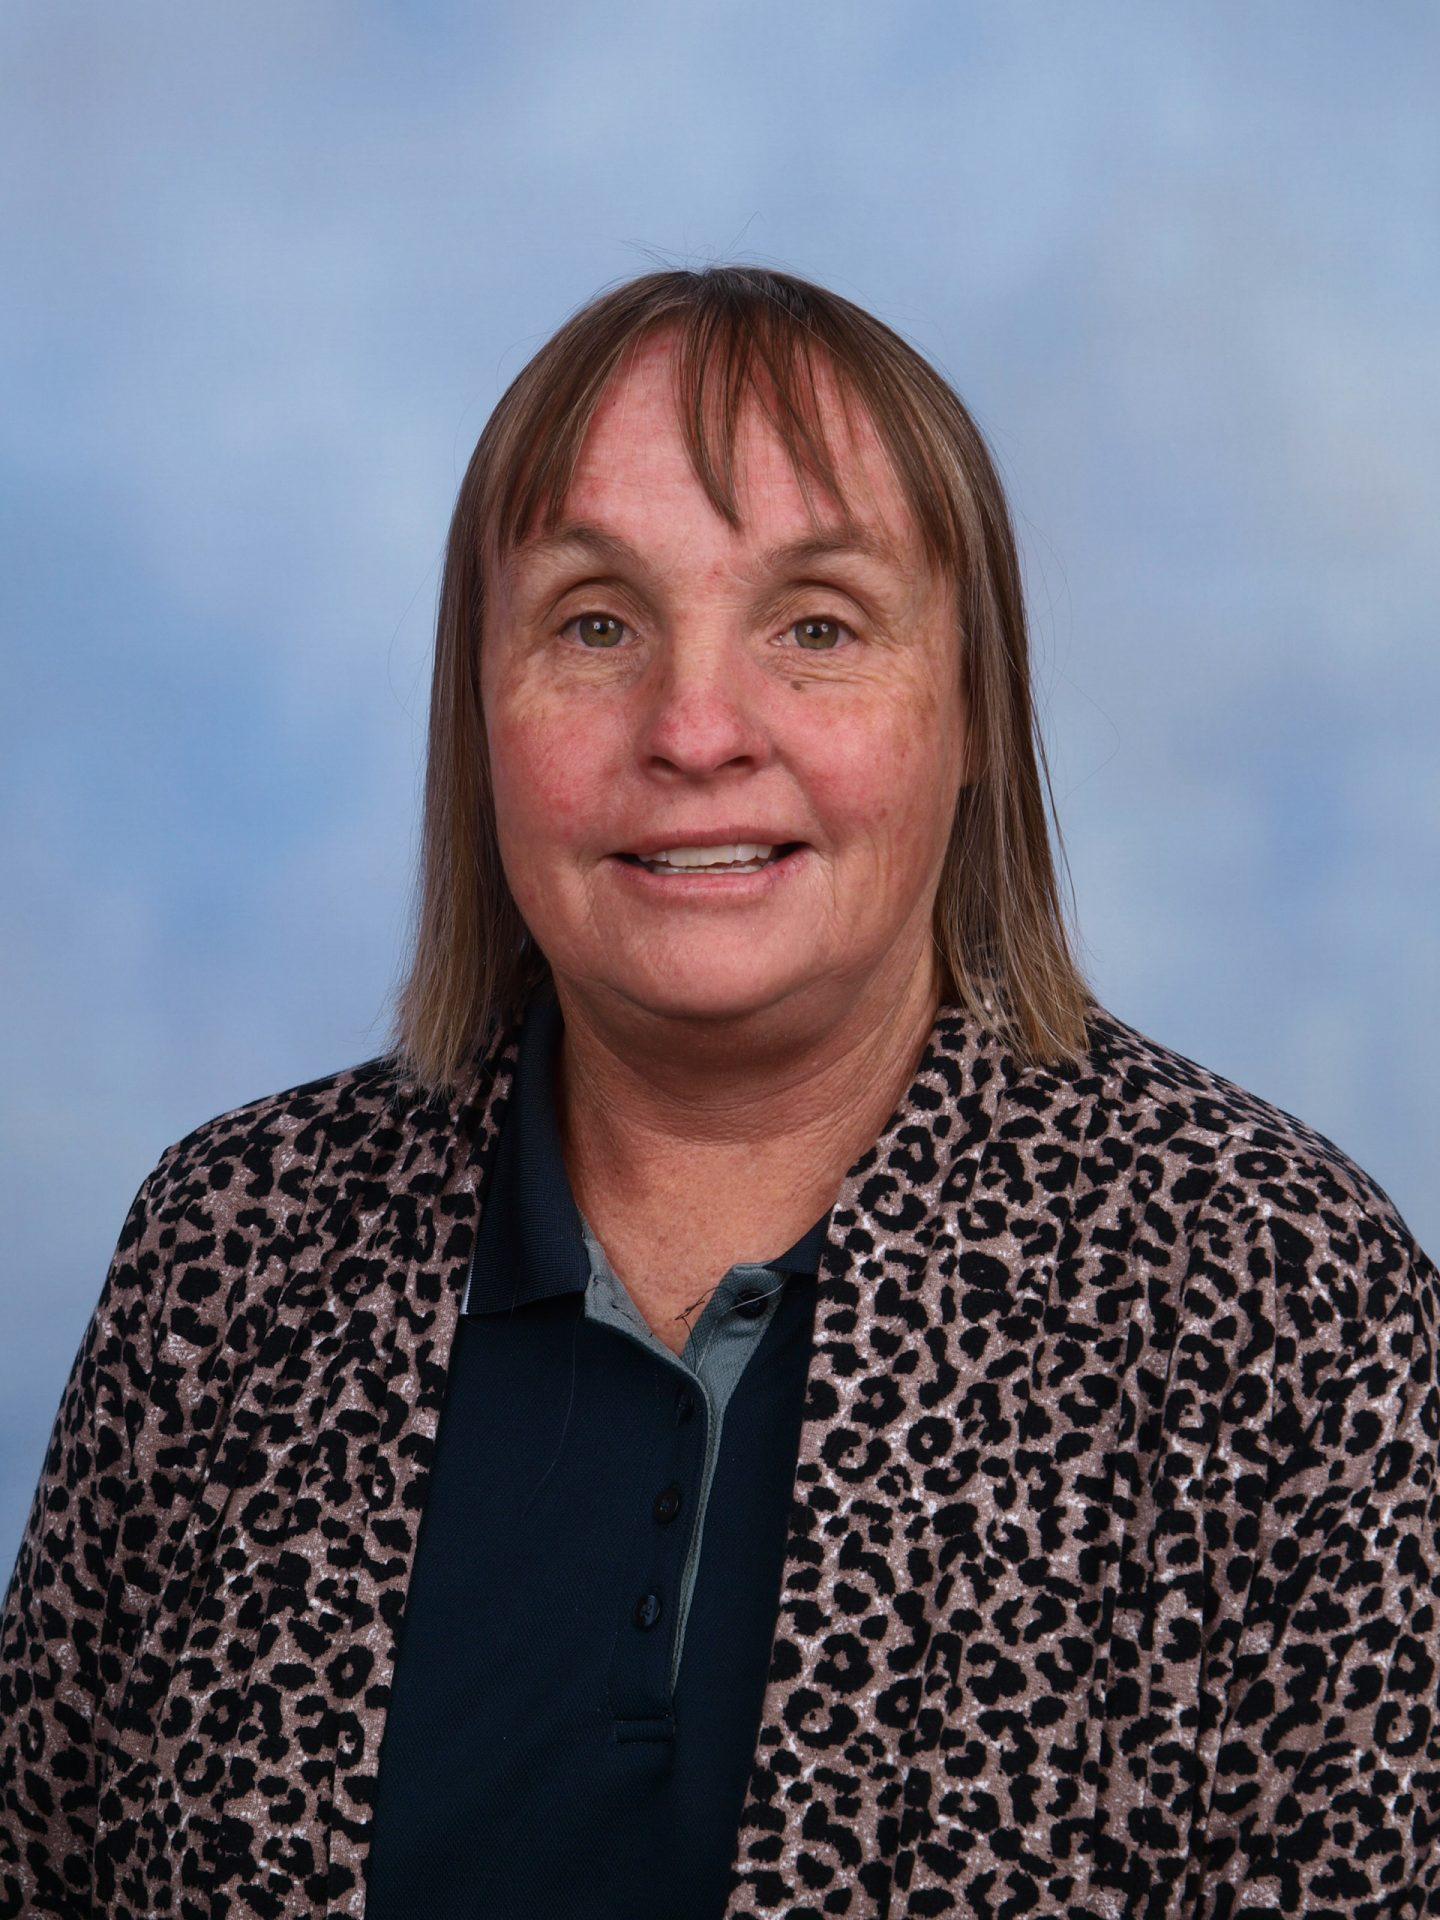 Jenni Caldwell